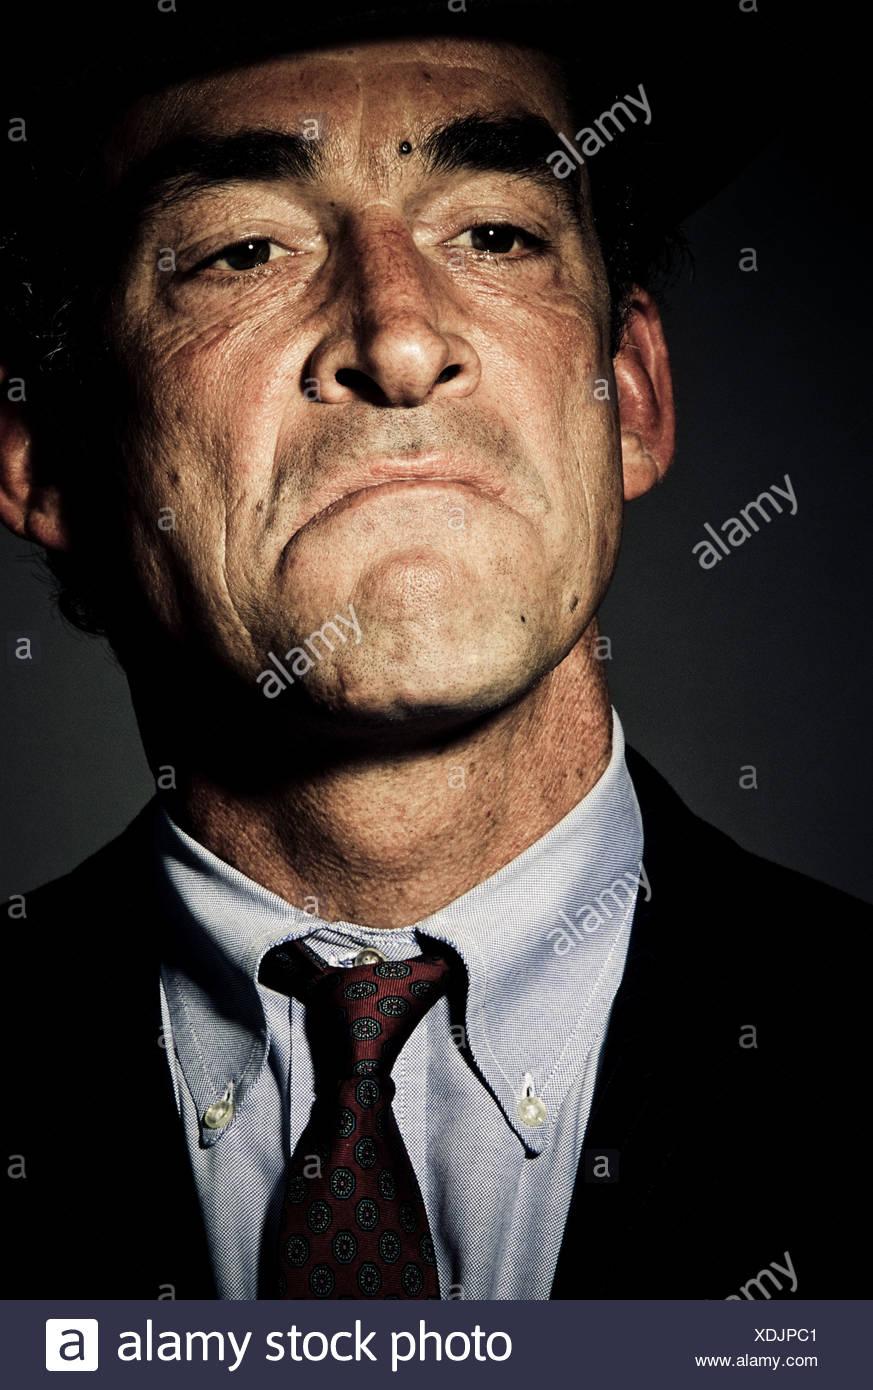 Niedrigen Winkel, Nahaufnahme, Frontansicht von einem reifen Mann im Anzug mit einem selbstgefälligen Ausdruck auf seinem Gesicht (Studio gedreht). Stockbild